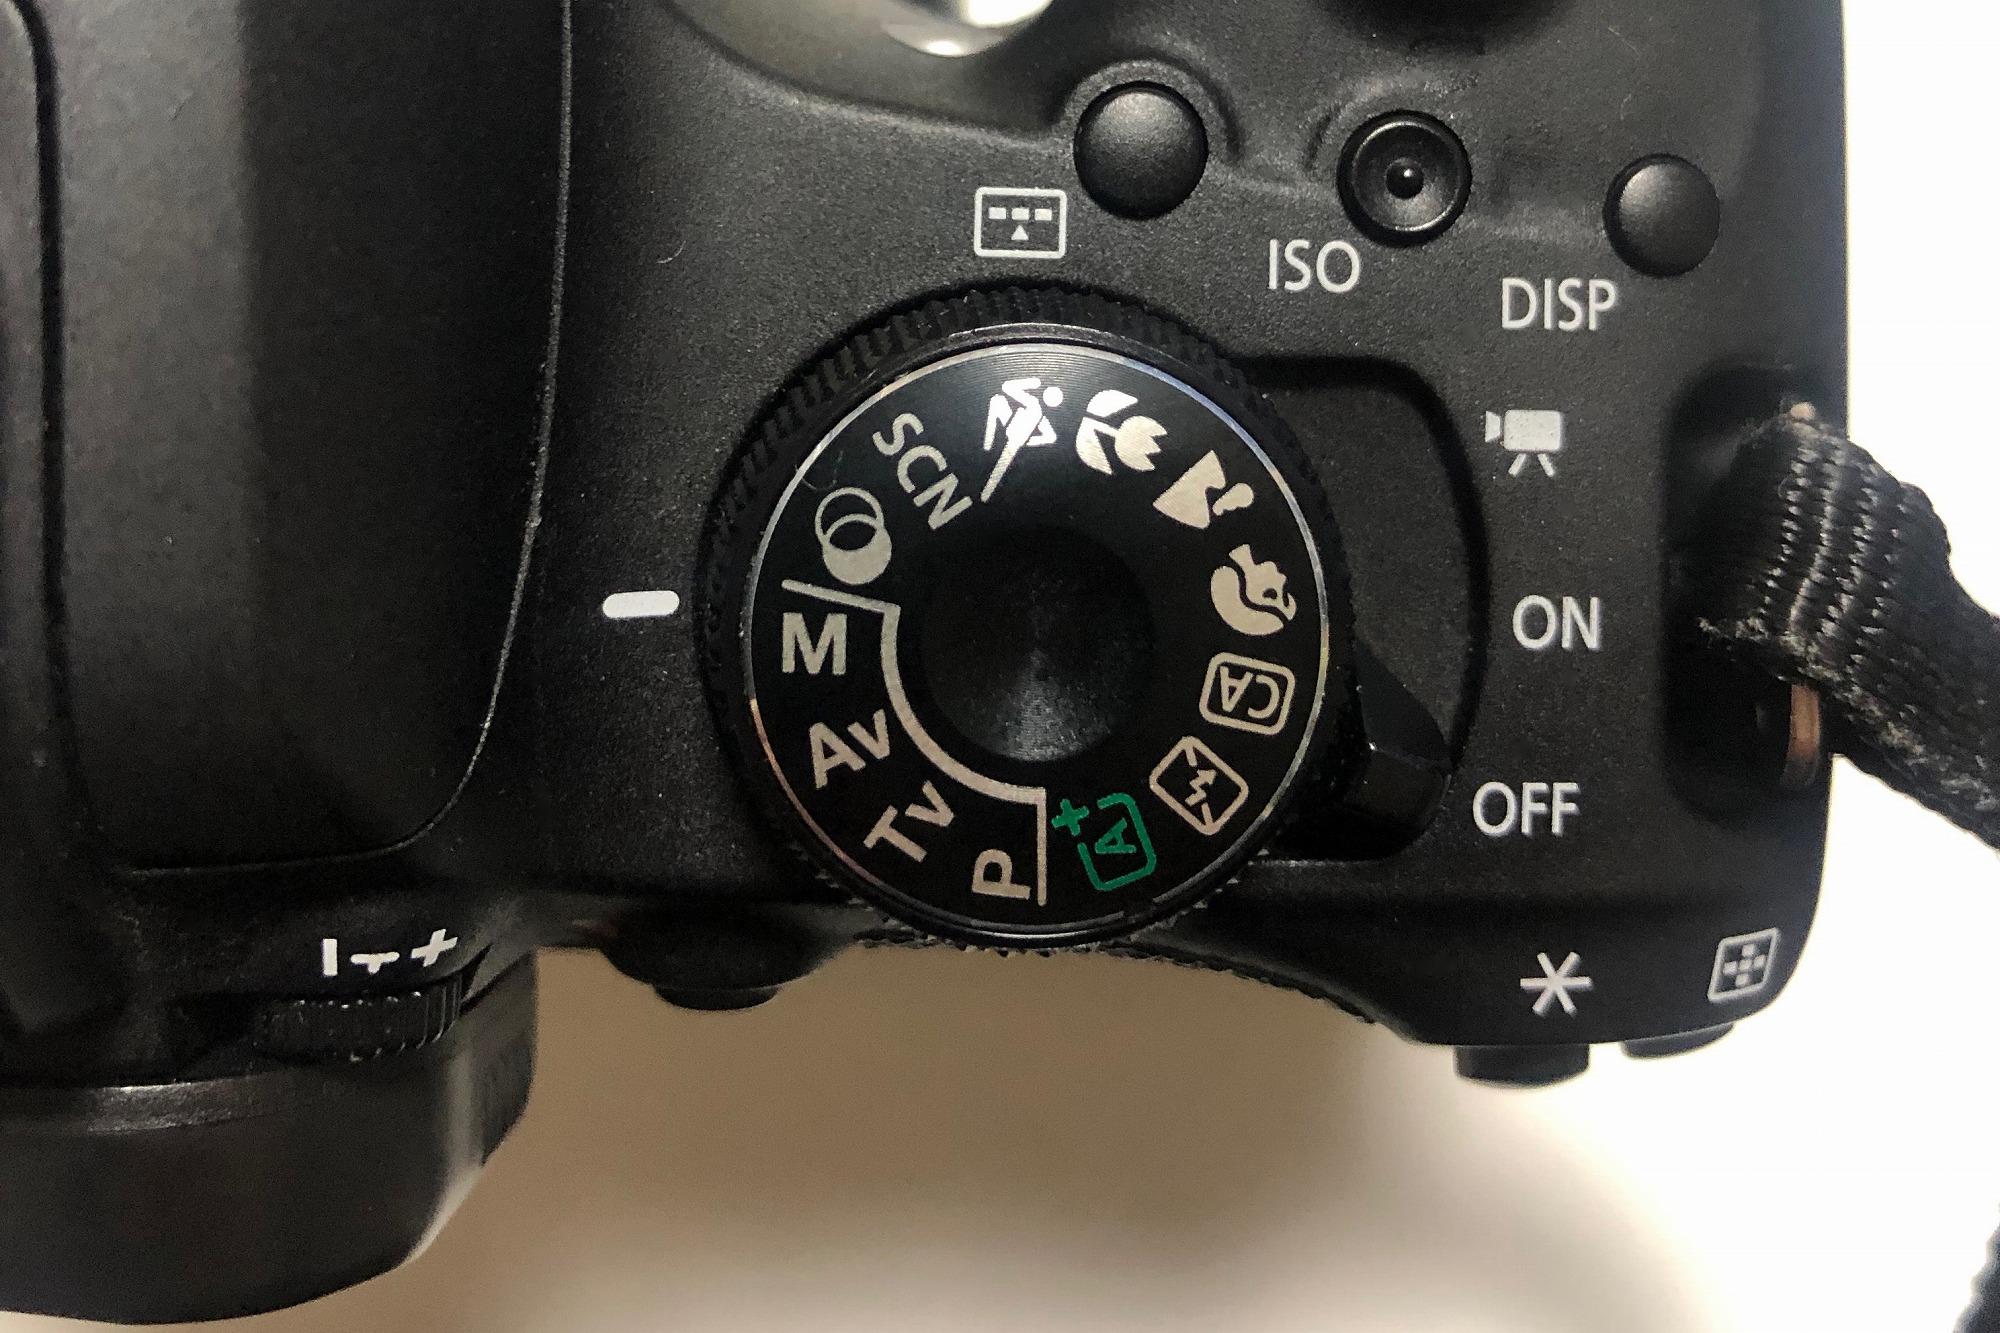 モードダイヤルの写真